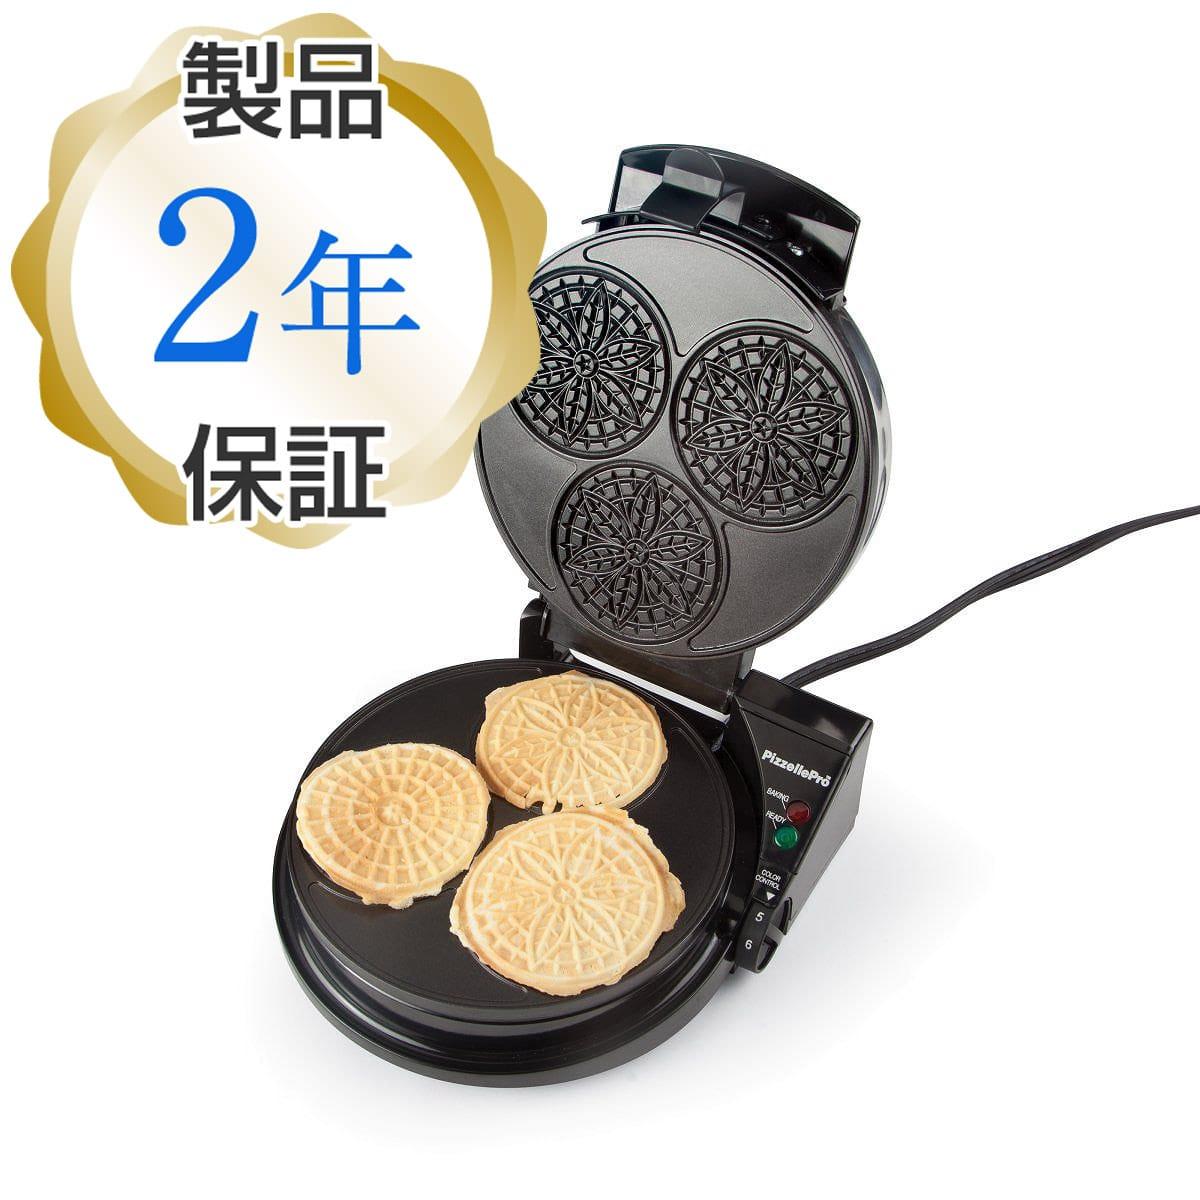 シェフズチョイス ピゼルメーカー 3枚焼Chef's Choice 835 Pizzelle Maker 家電